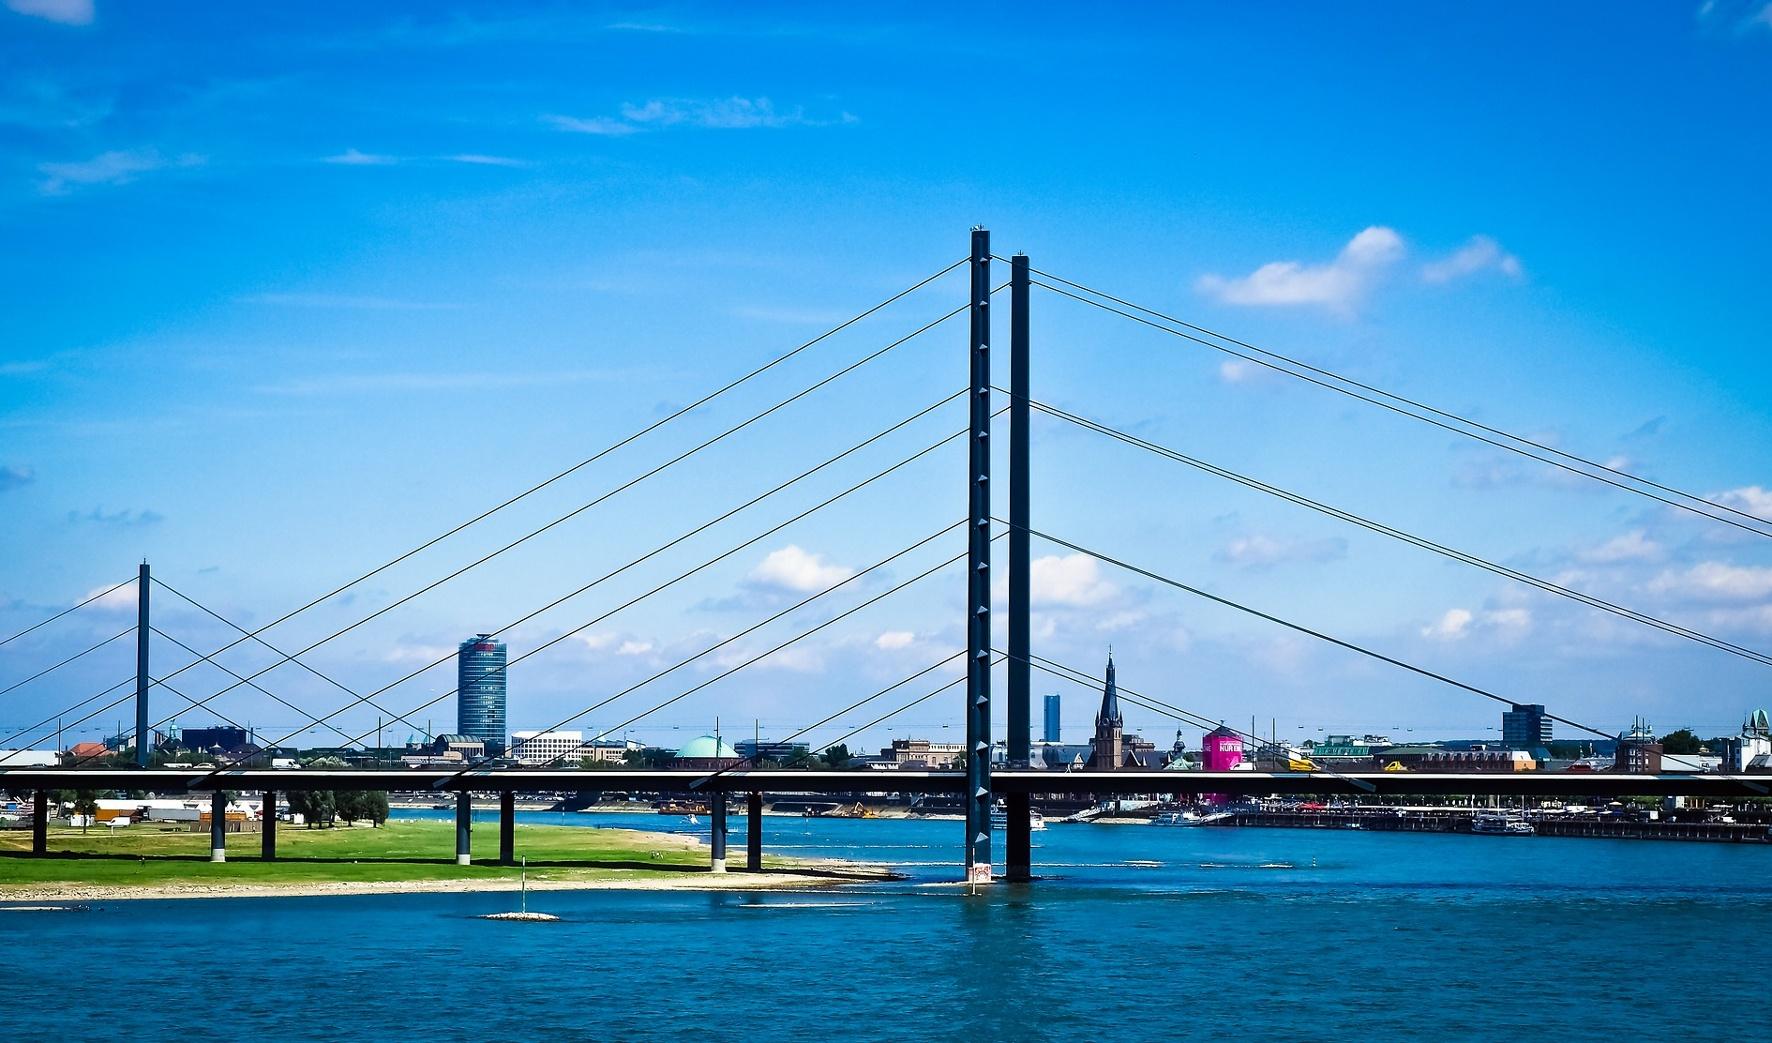 Düsseldorf ist die Rheinmetropole mit dem langsamsten Verkehrsfluß